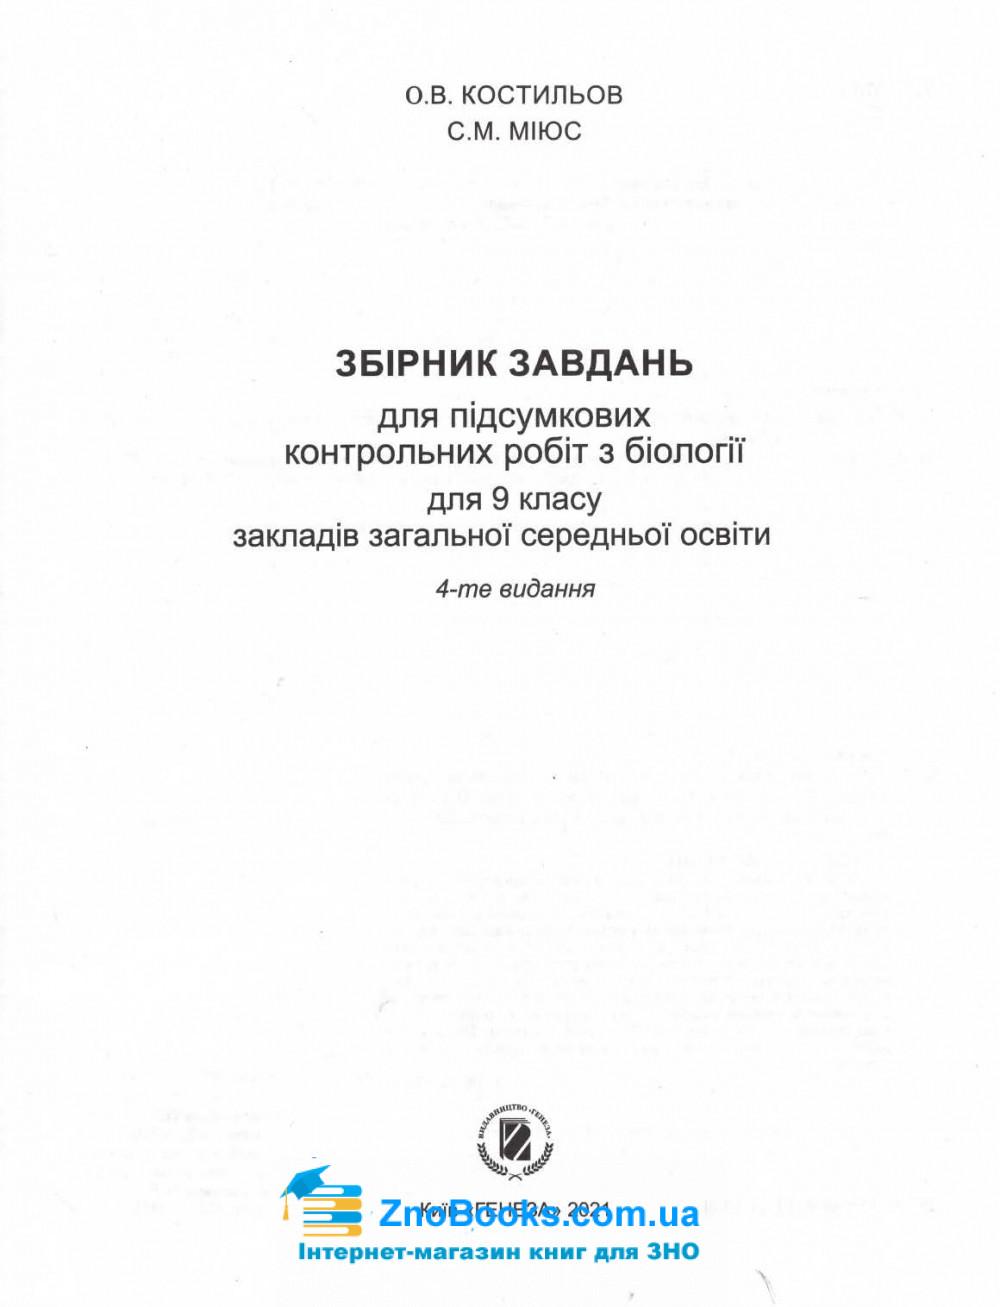 ДПА 9 клас 2022 біологія. Збірник завдань : О. Костильов, С. Міюс Генеза. Купити 1